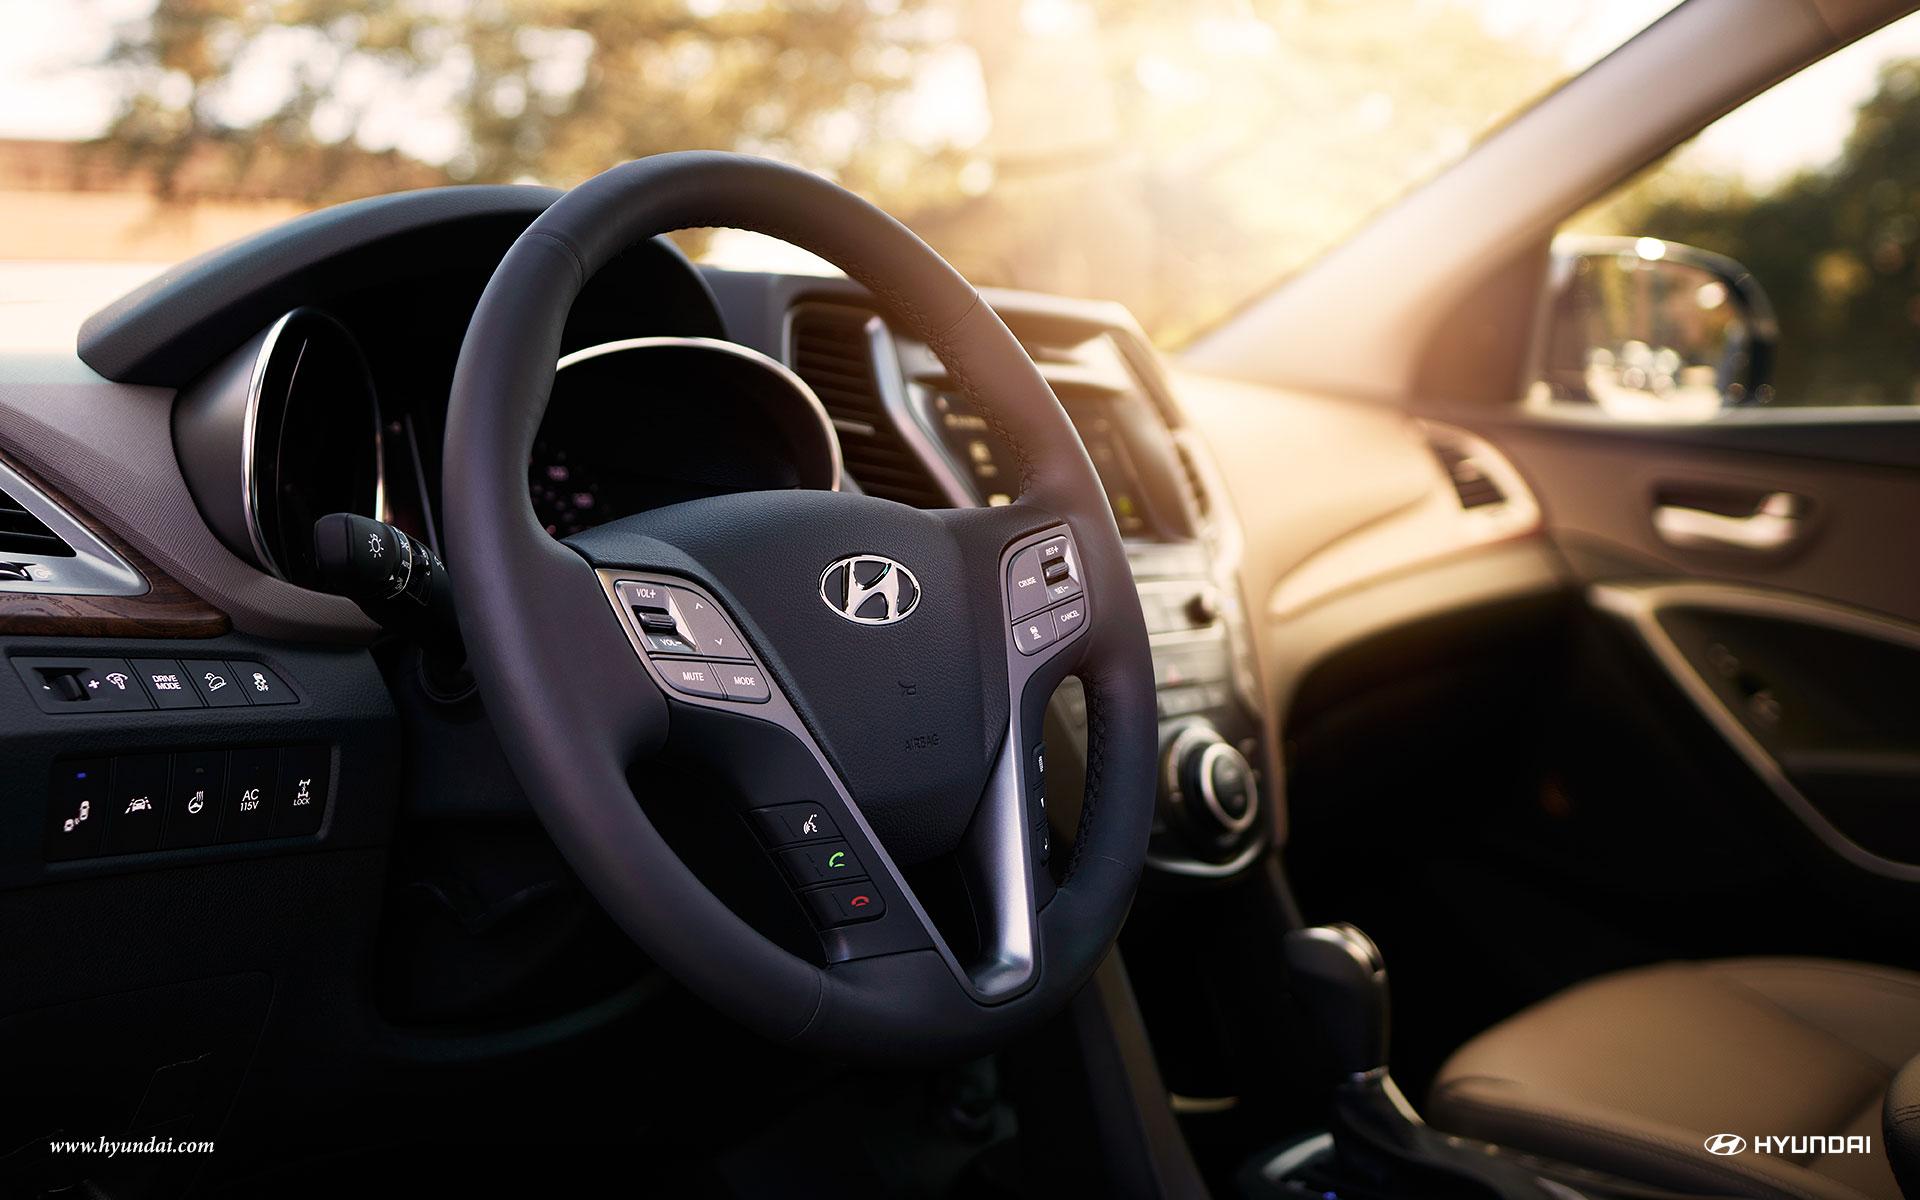 2017 Hyundai Santa Fe Interior Wheel